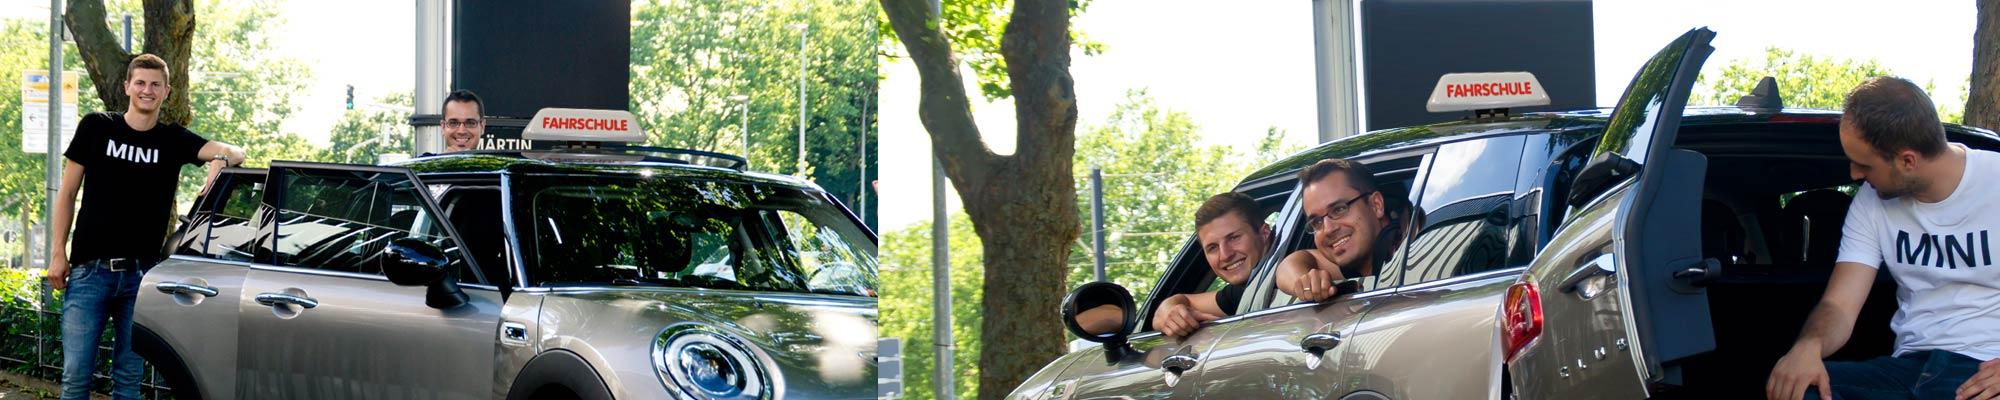 BMW & MINI Ffür Fahrschuilen von Märtin